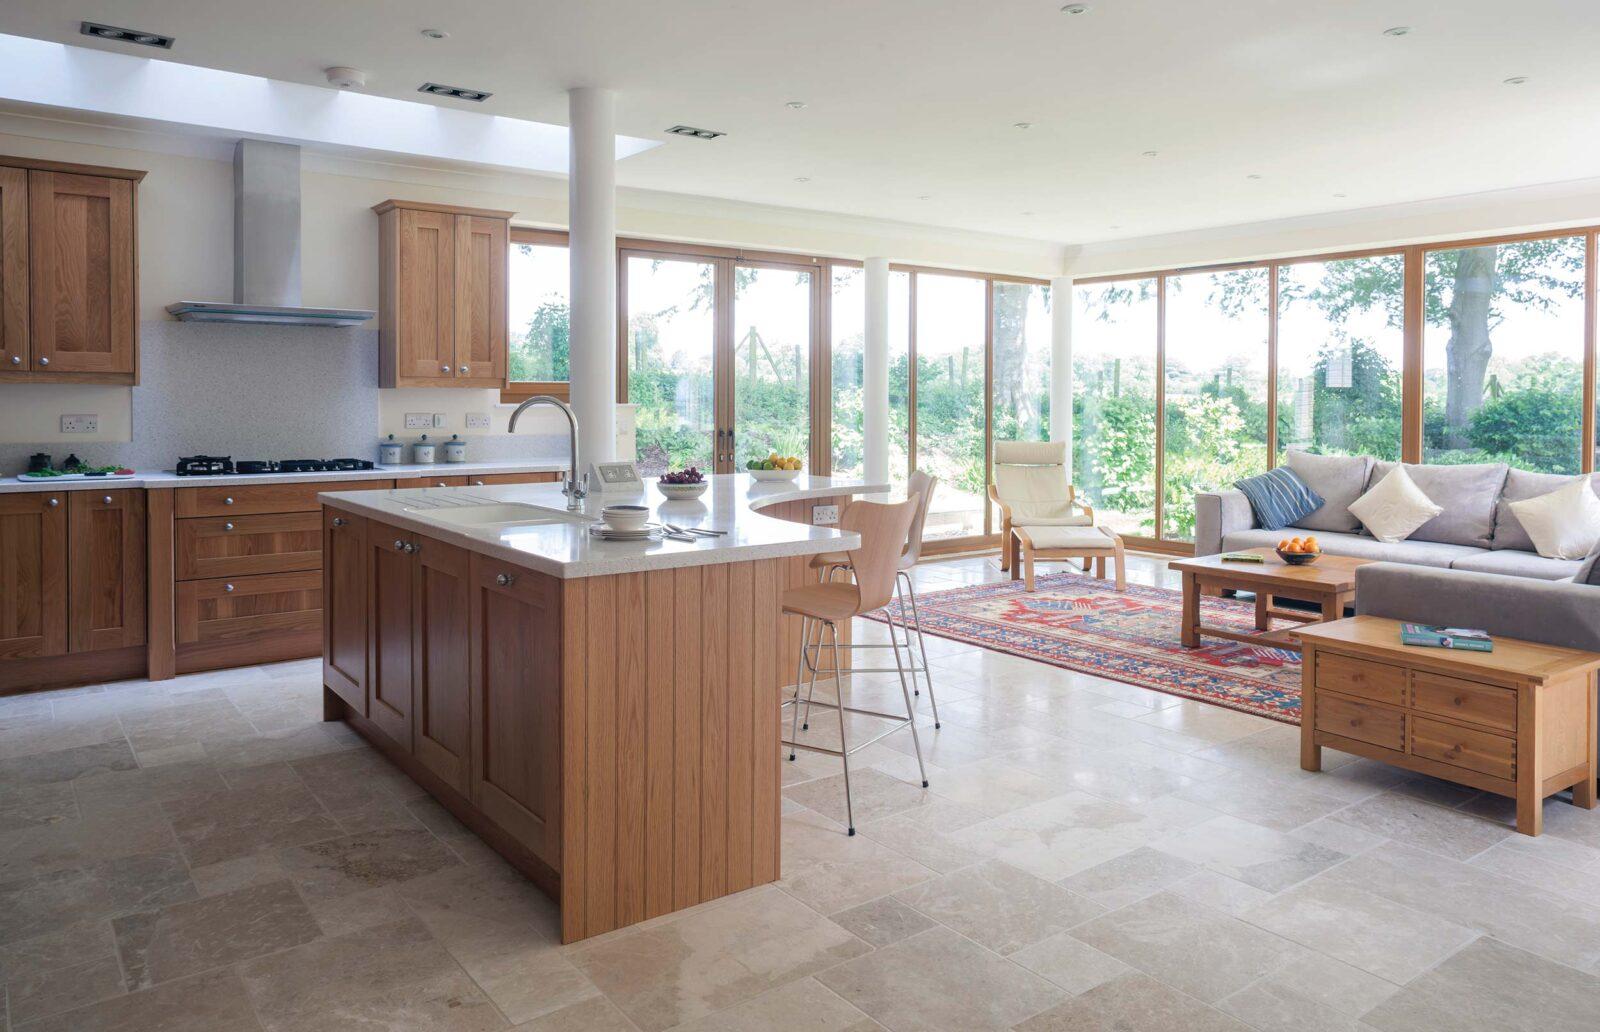 Luxury Kitchen Extension with Spacious Design   Claverton